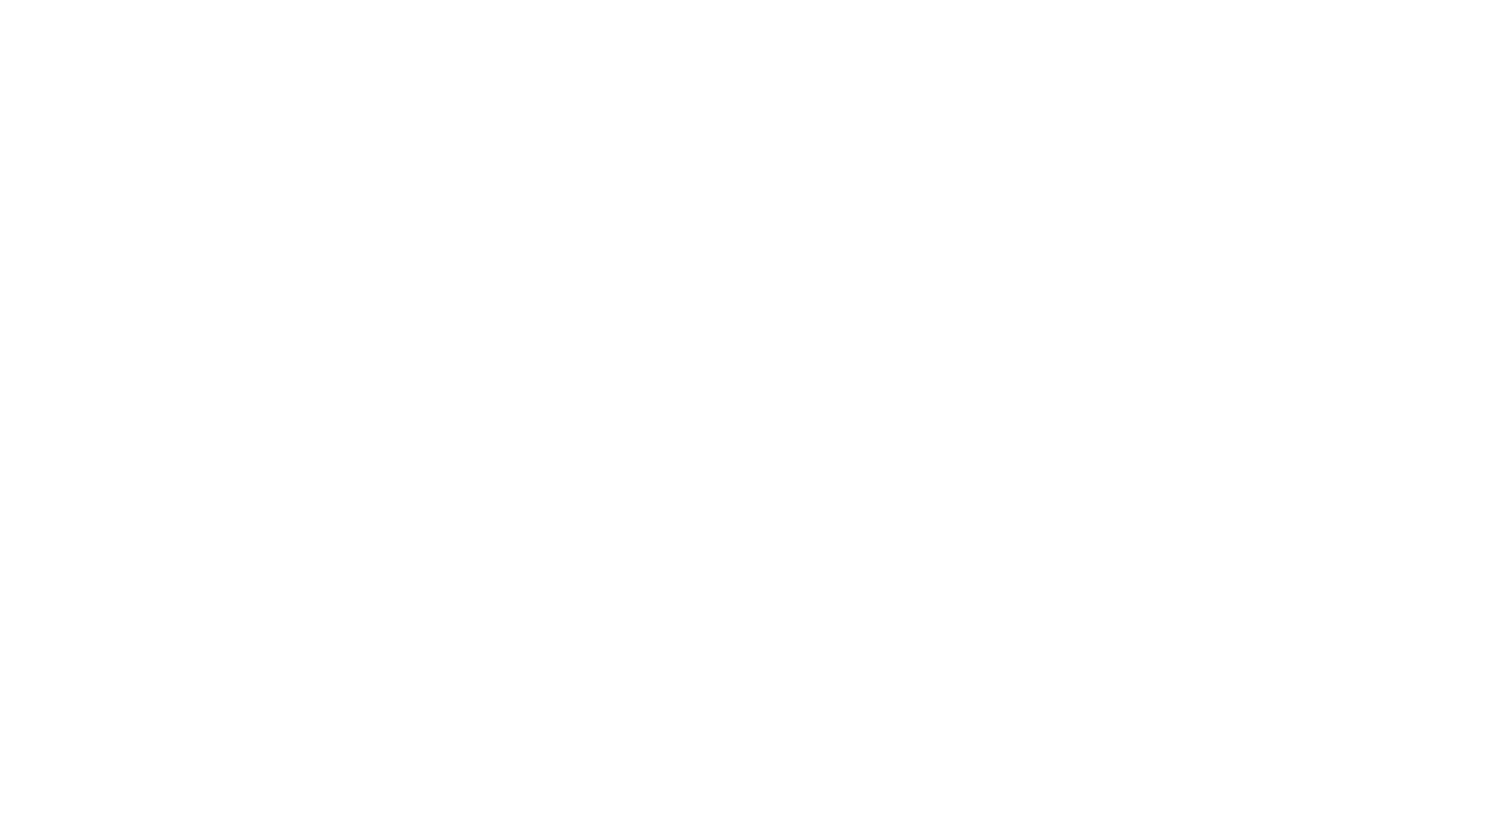 Swarna